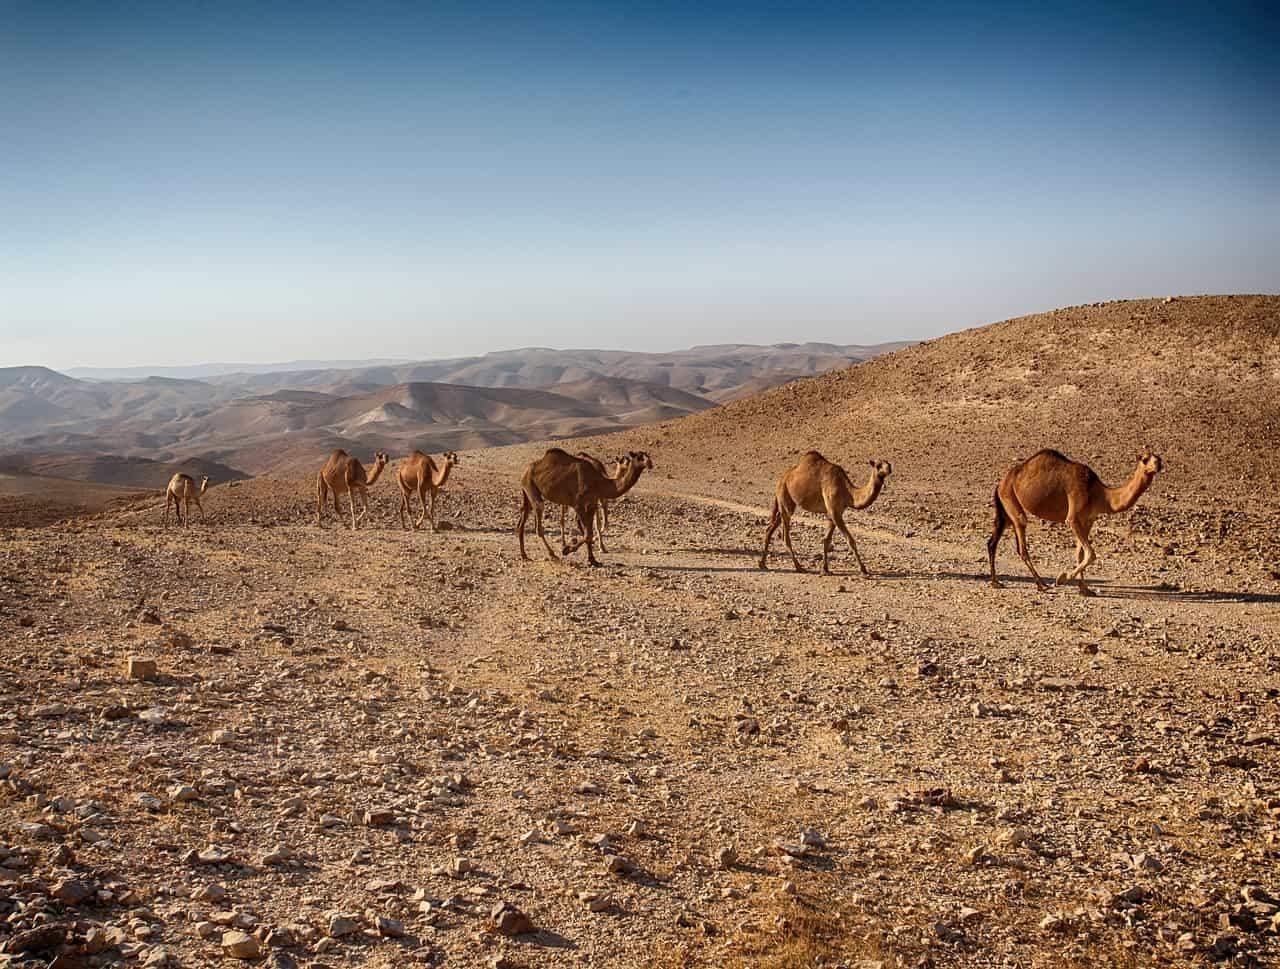 desierto en Israel. Imagen: Israel. Archivo